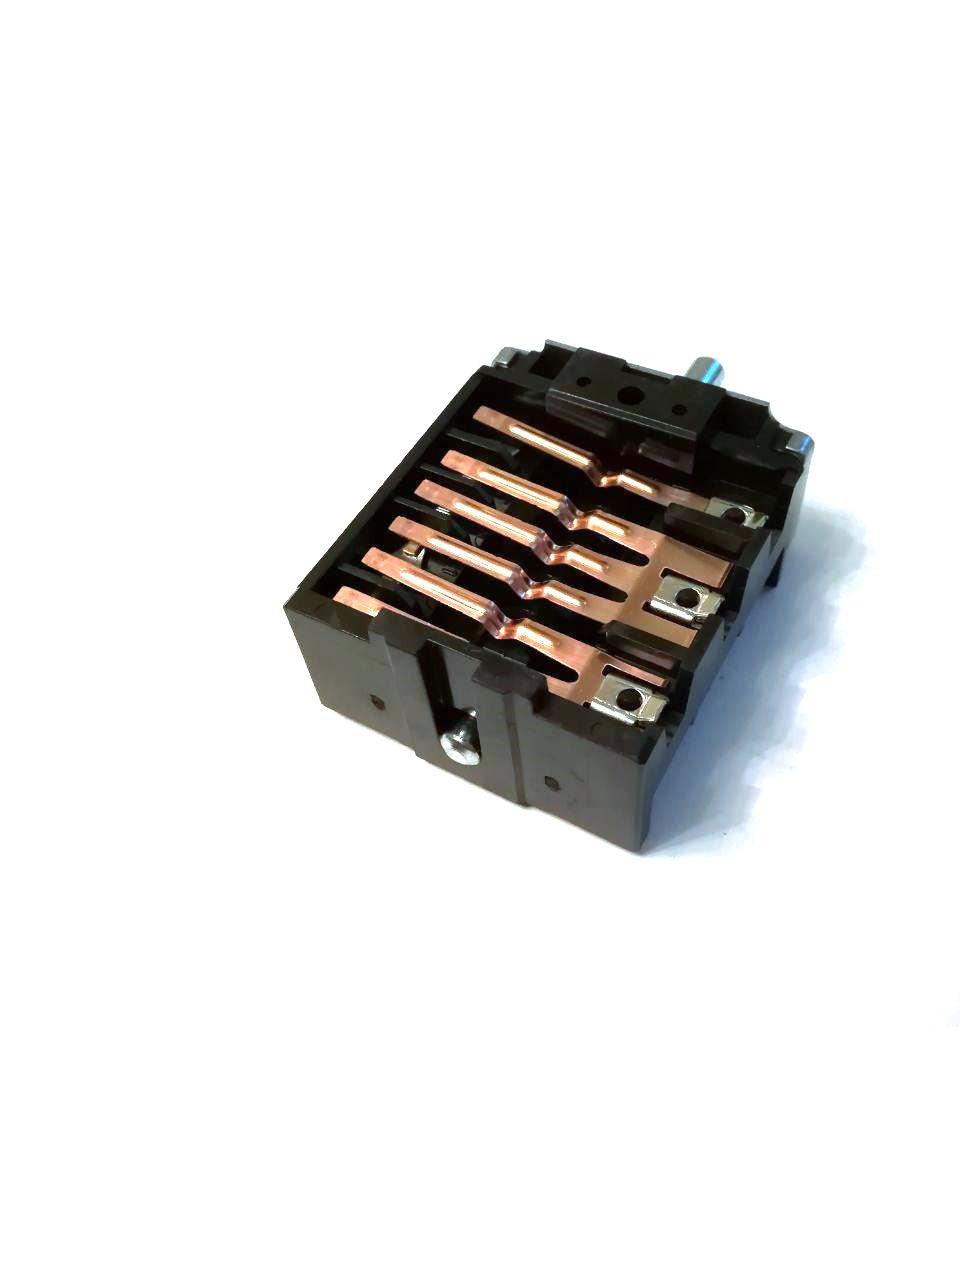 Переключатель 6-ти позиционный ПМ 46.23866.500 для электроплит и духовок / EGO / Германия